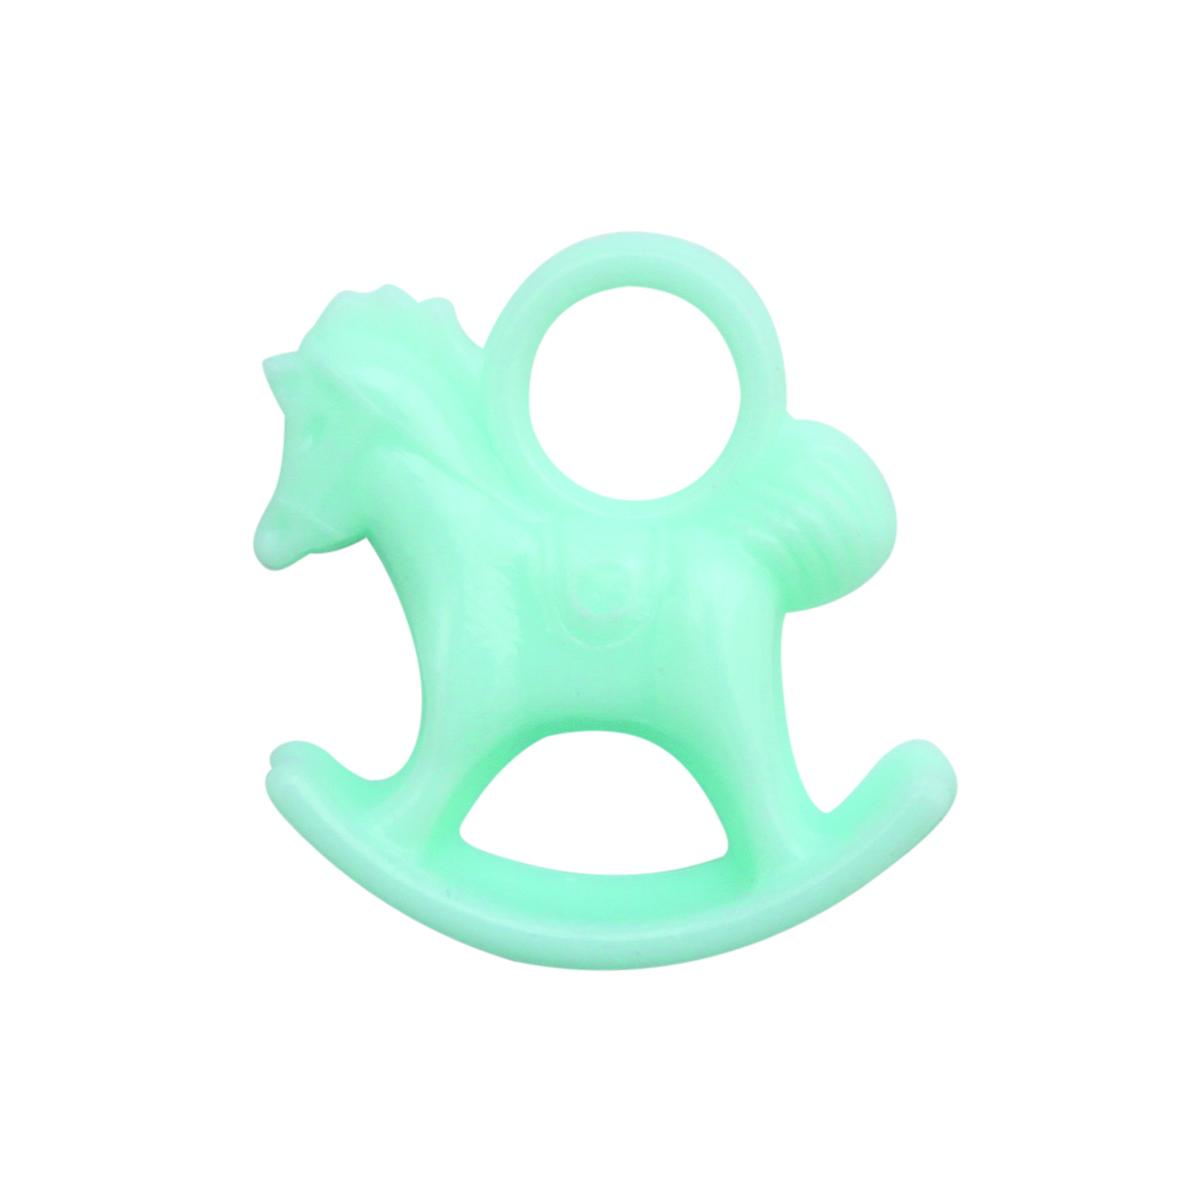 Декоративный элемент Lan Jing Ling Лошадка, цвет: голубой, 6 шт580791_ голубойМиниатюрные декоративные элементы, выполненные из пластика. Используются при создании авторских фотоальбомов, открыток и так далее. В упаковке 6 шт.